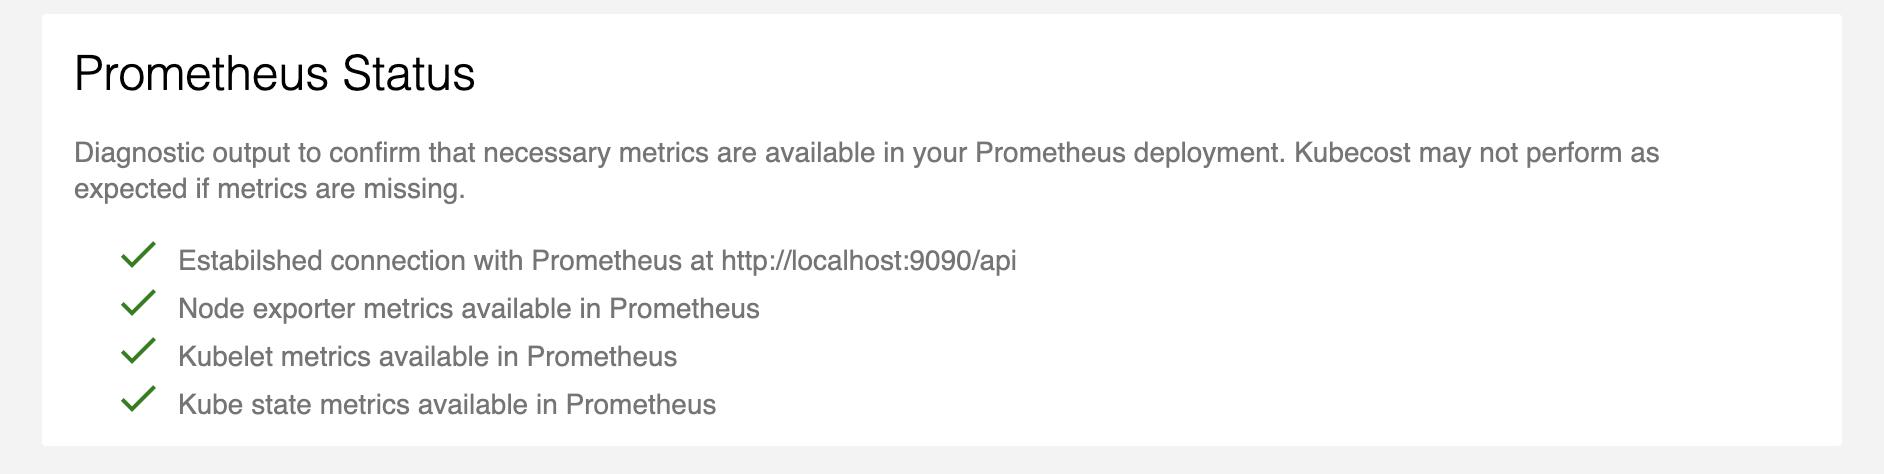 Prometheus status diagnostic